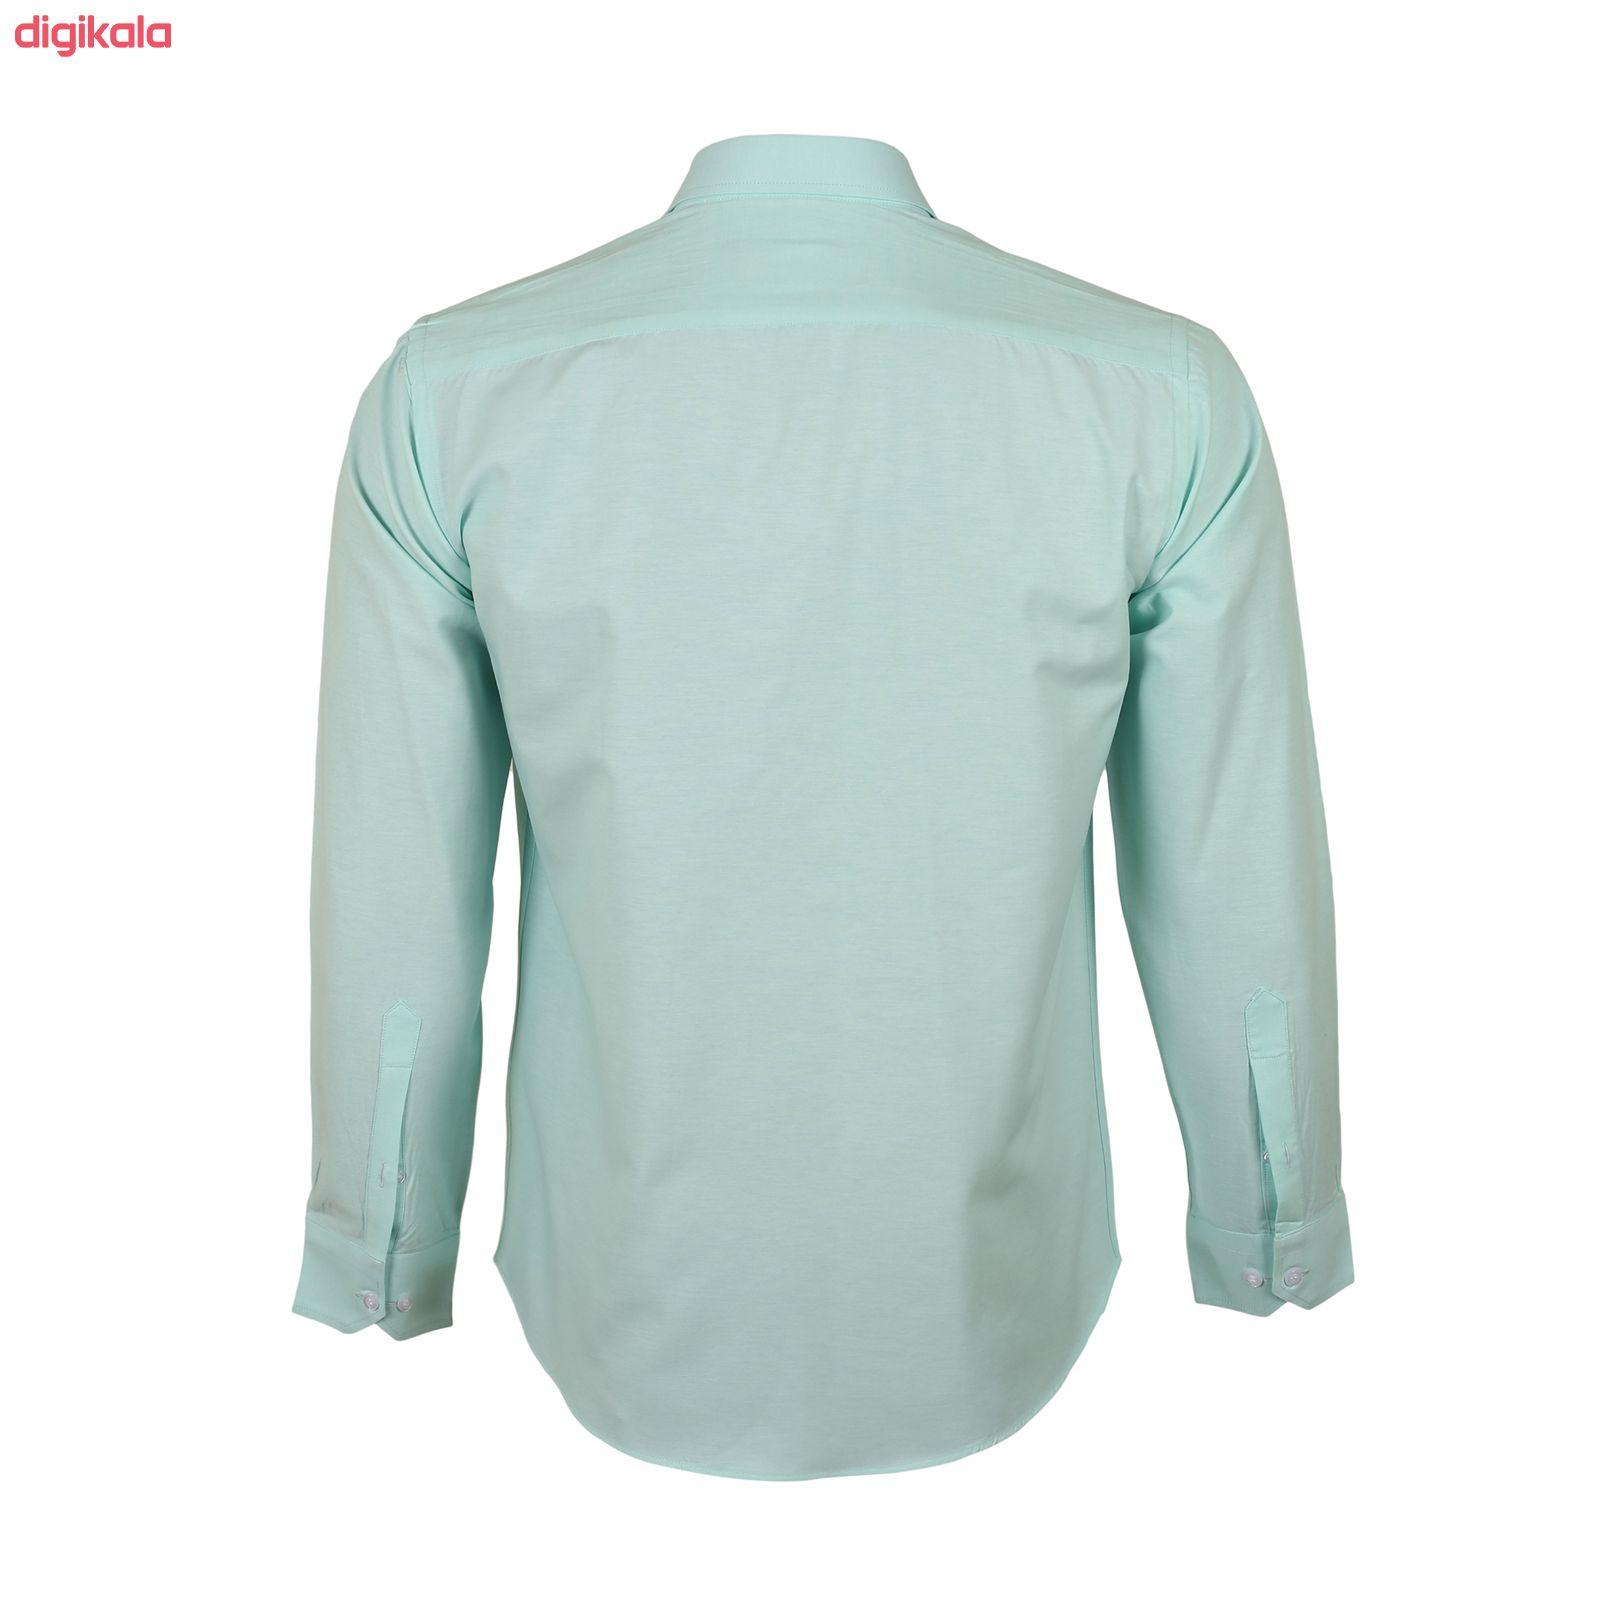 پیراهن آستین بلند مردانه ناوالس مدل NoX8020-GN main 1 3